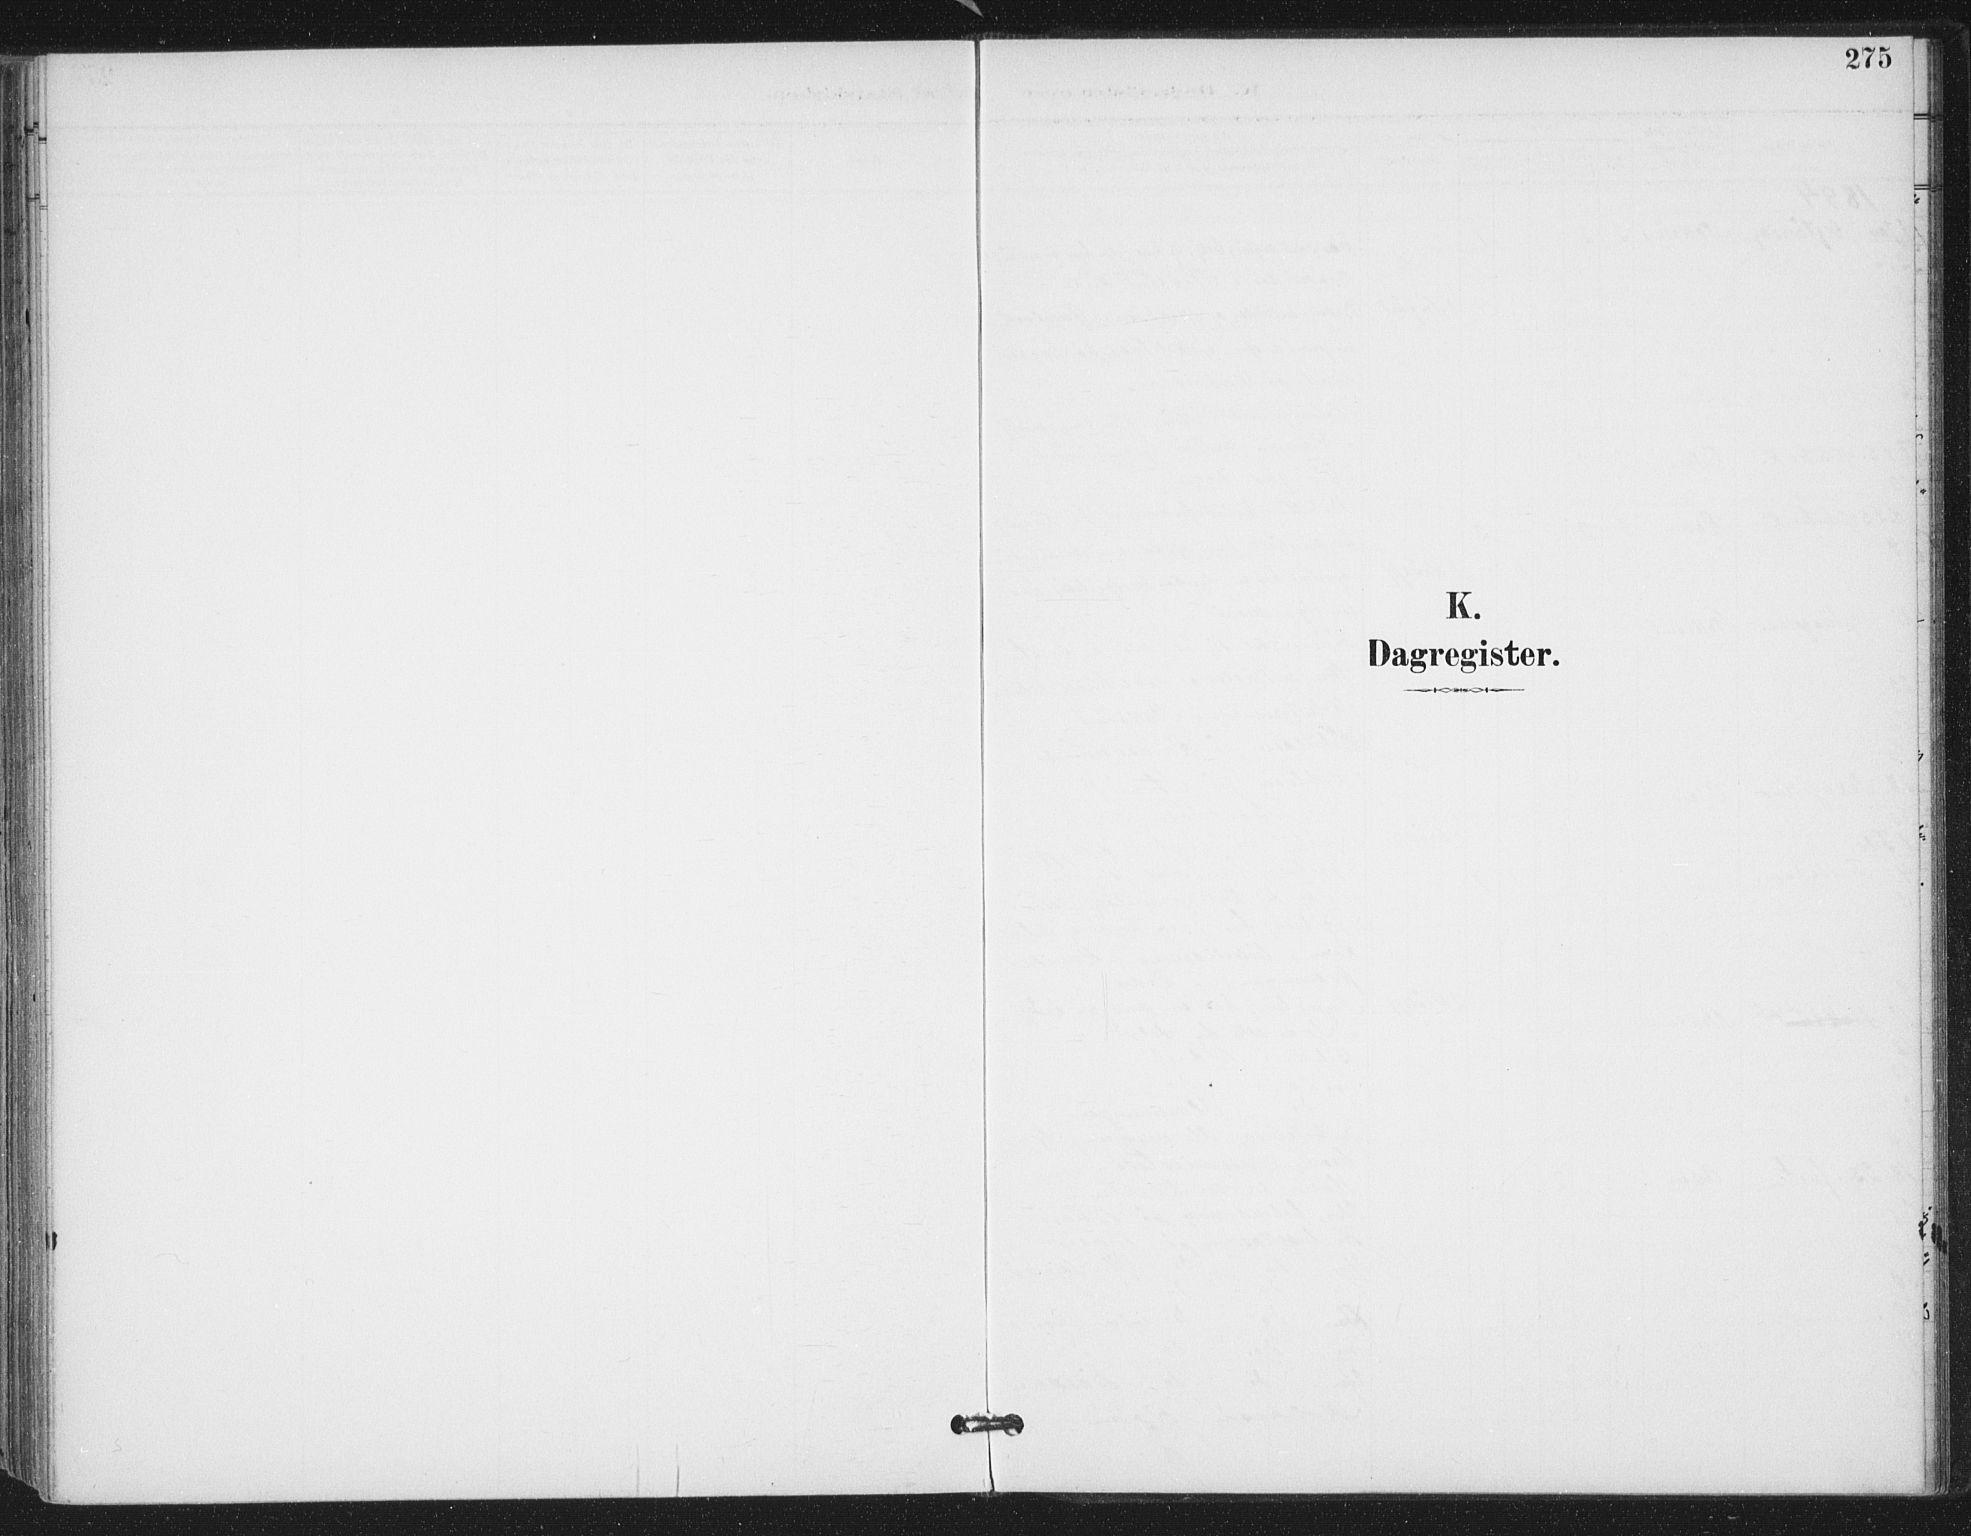 SAT, Ministerialprotokoller, klokkerbøker og fødselsregistre - Sør-Trøndelag, 657/L0708: Ministerialbok nr. 657A09, 1894-1904, s. 275